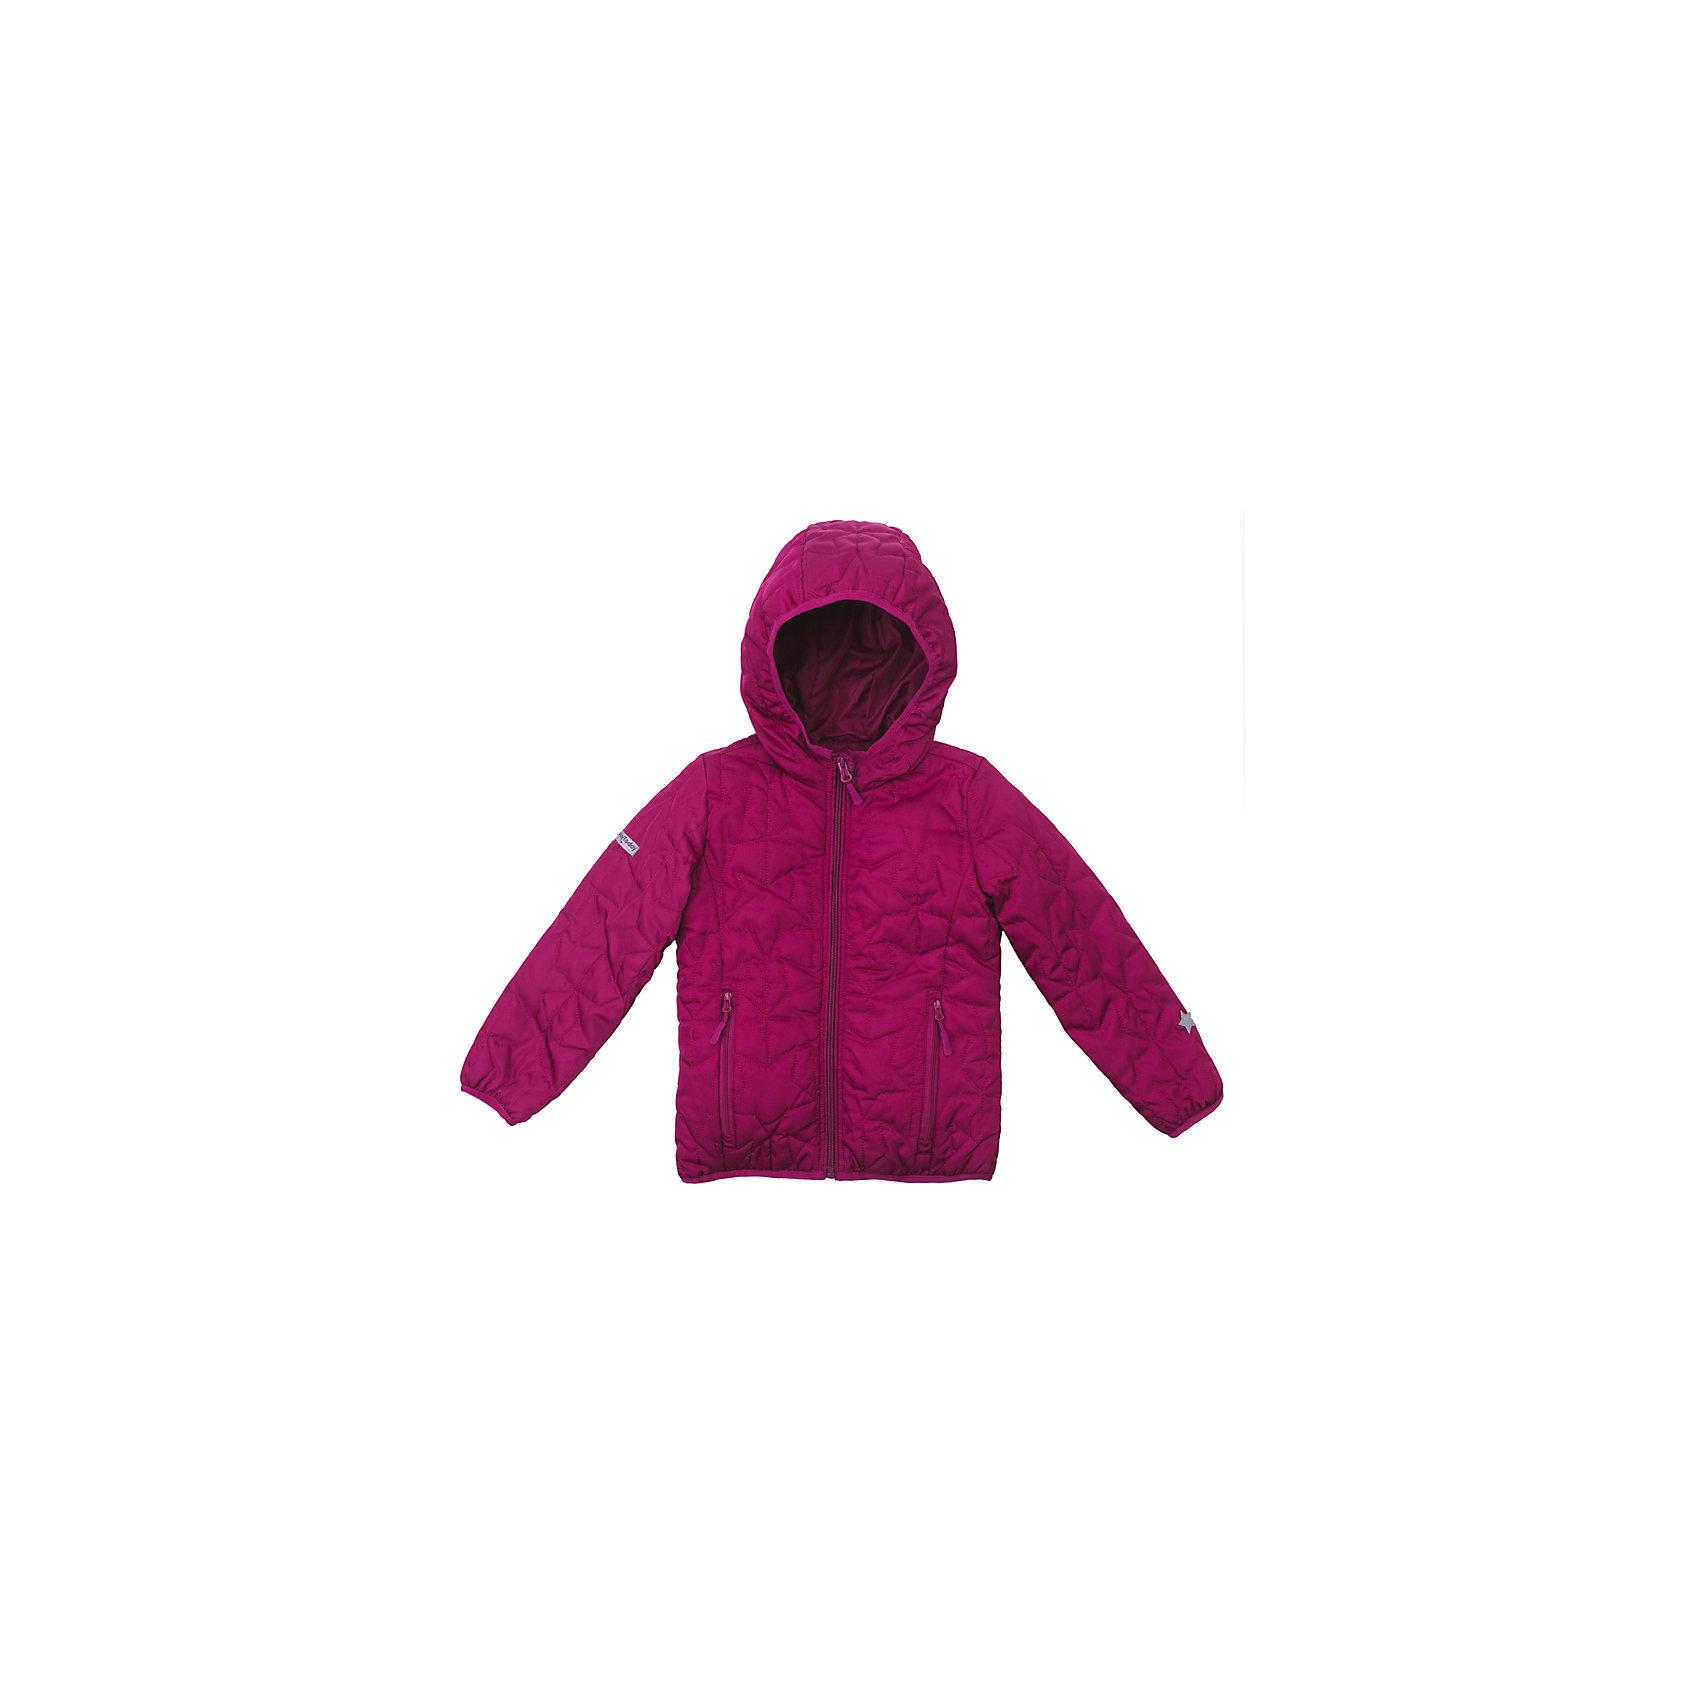 Куртка для девочки PlayTodayВерхняя одежда<br>Характеристики товара:<br><br>• цвет: розовый<br>• состав: 100% полиэстер, подкладка: 100% полиэстер<br>• утеплитель: 100% полиэстер, 150 г/м2<br>• температурный режим: от +0°С до +15°С<br>• с водоотталкивающей пропиткой <br>• карманы<br>• молния<br>• эластичные манжеты<br>• светоотражающие элементы<br>• капюшон<br>• коллекция: весна-лето 2017<br>• страна бренда: Германия<br>• страна производства: Китай<br><br>Популярный бренд PlayToday выпустил новую коллекцию! Вещи из неё продолжают радовать покупателей удобством, стильным дизайном и продуманным кроем. Дети носят их с удовольствием. PlayToday - это линейка товаров, созданная специально для детей. Дизайнеры учитывают новые веяния моды и потребности детей. Порадуйте ребенка обновкой от проверенного производителя!<br>Такая демисезонная куртка обеспечит ребенку комфорт благодаря качественному материалу и продуманному крою. С помощью этой модели можно удобно одеться по погоде. Очень модная модель! Отлично подходит для переменной погоды межсезонья.<br><br>Куртку для девочки от известного бренда PlayToday можно купить в нашем интернет-магазине.<br><br>Ширина мм: 356<br>Глубина мм: 10<br>Высота мм: 245<br>Вес г: 519<br>Цвет: розовый<br>Возраст от месяцев: 84<br>Возраст до месяцев: 96<br>Пол: Женский<br>Возраст: Детский<br>Размер: 98,104,110,116,122,128<br>SKU: 5404048